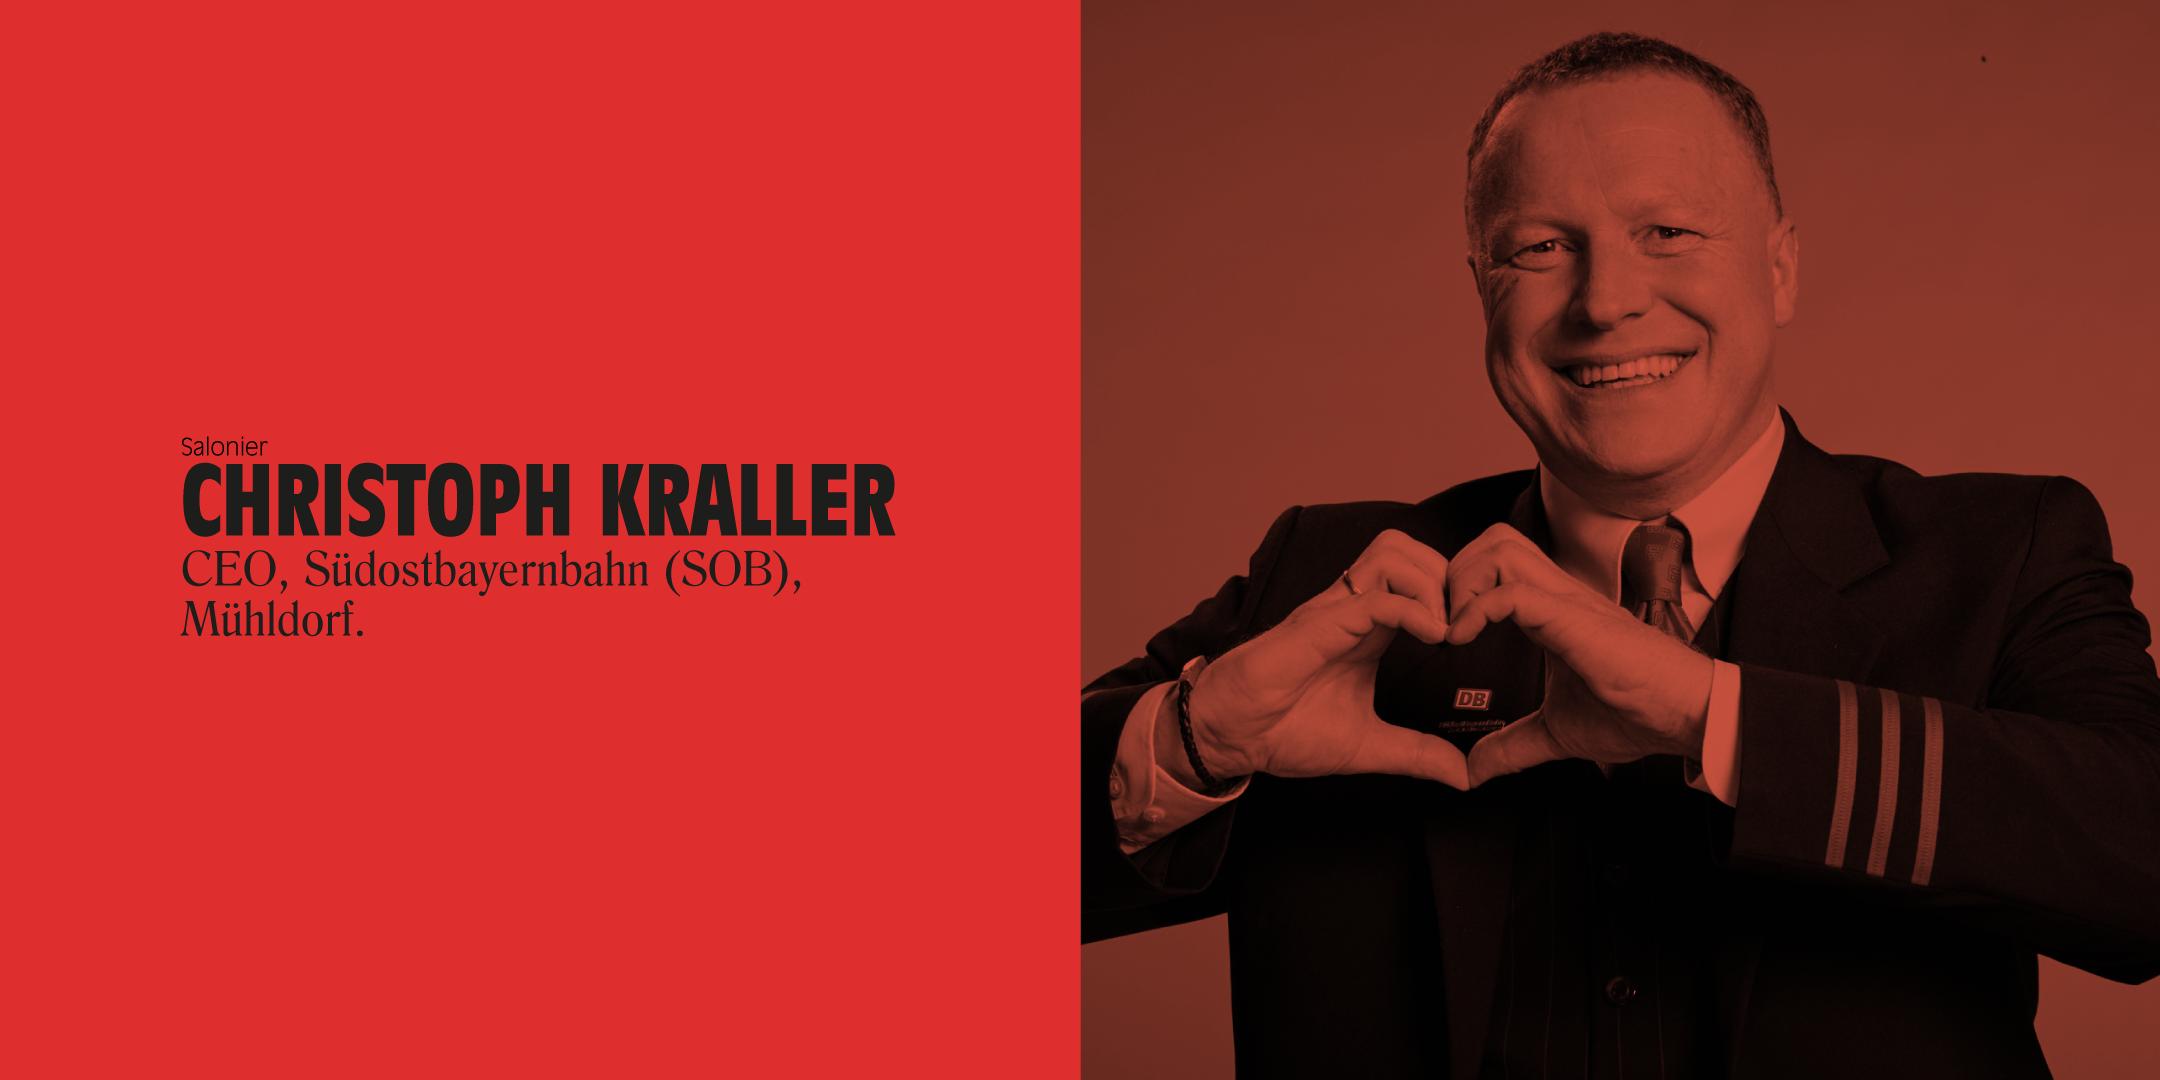 Christoph Kraller